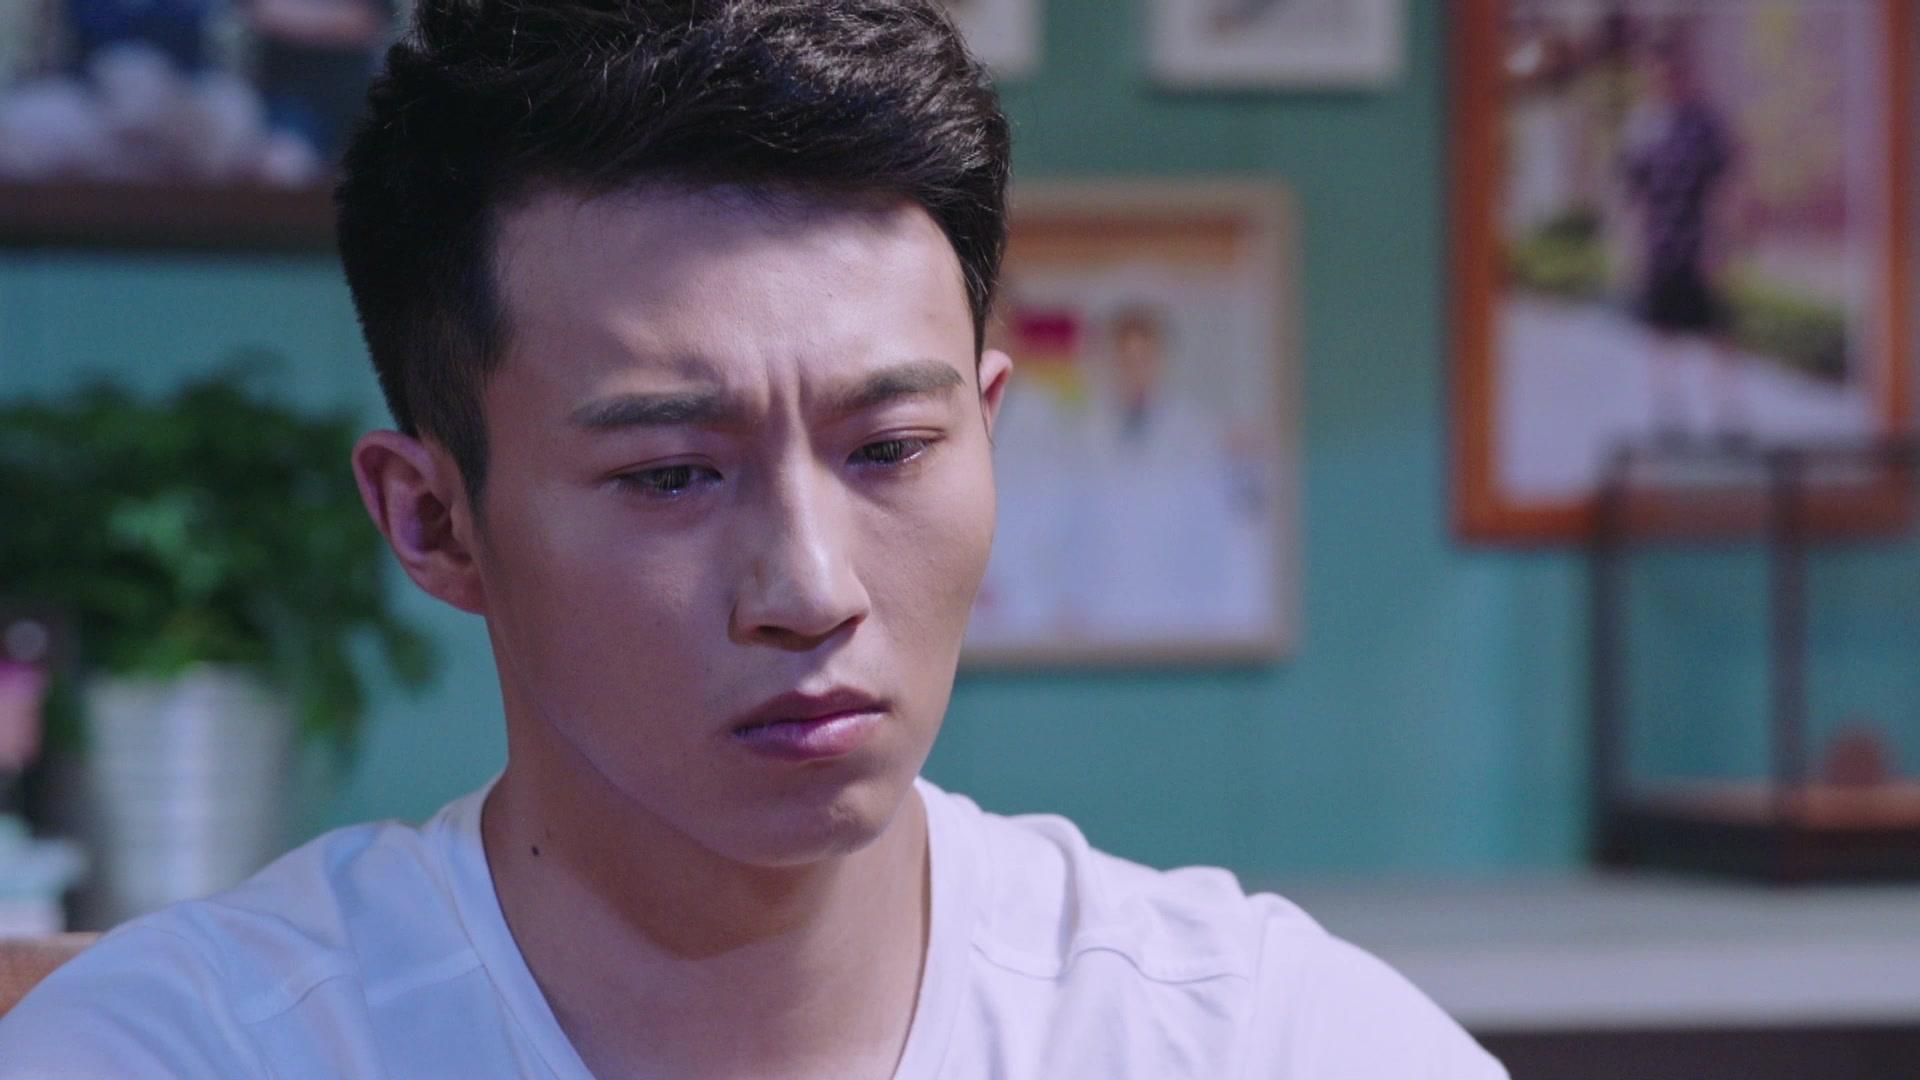 Surgeons Episode 43 - 外科风云 - Watch Full Episodes Free - China - TV Shows - Rakuten Viki